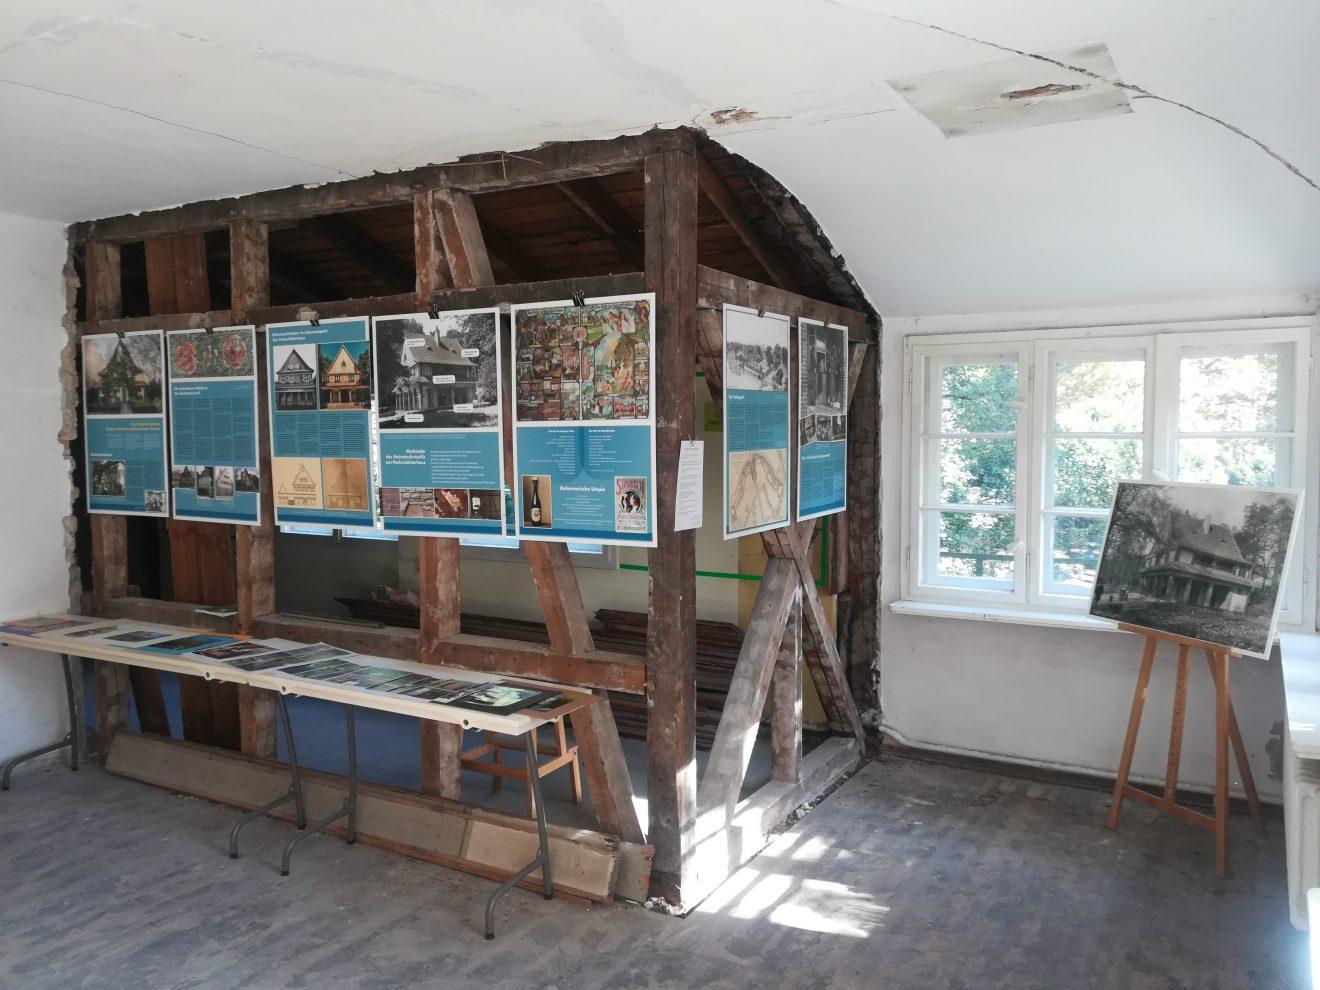 Ansicht auf die Ausstellungstafeln des letzten Events.